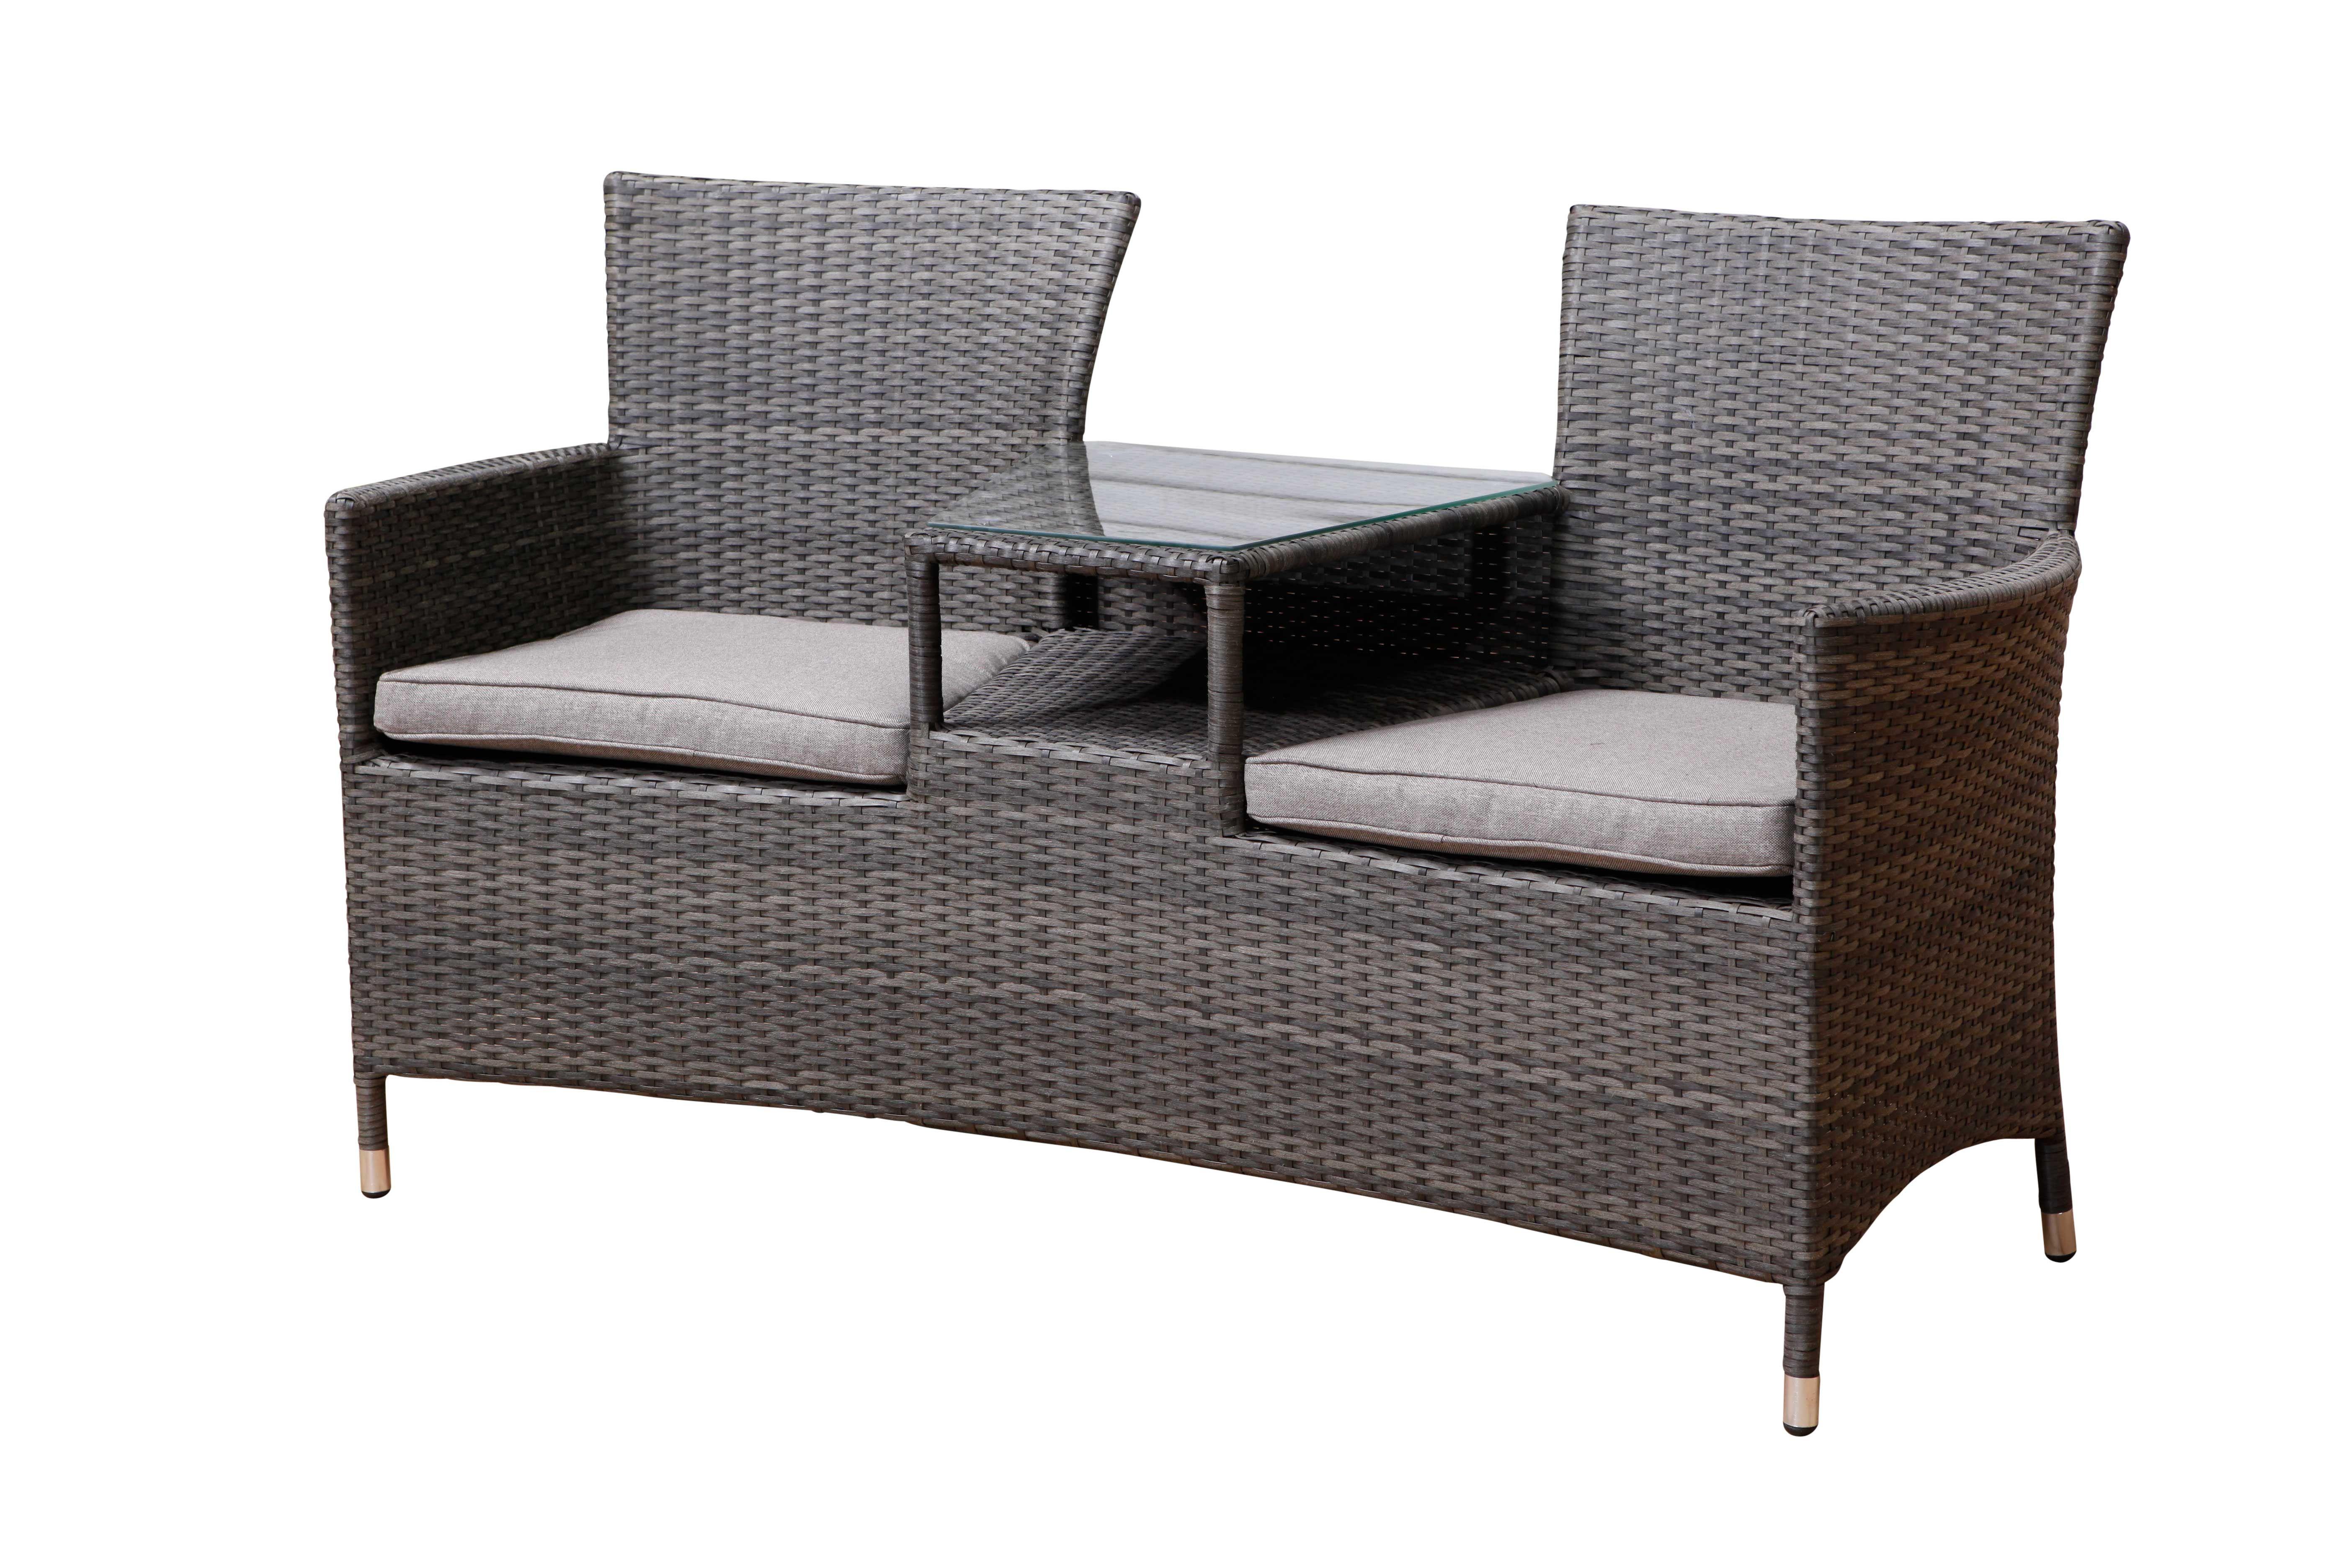 Osborne Park Furniture Outdoor